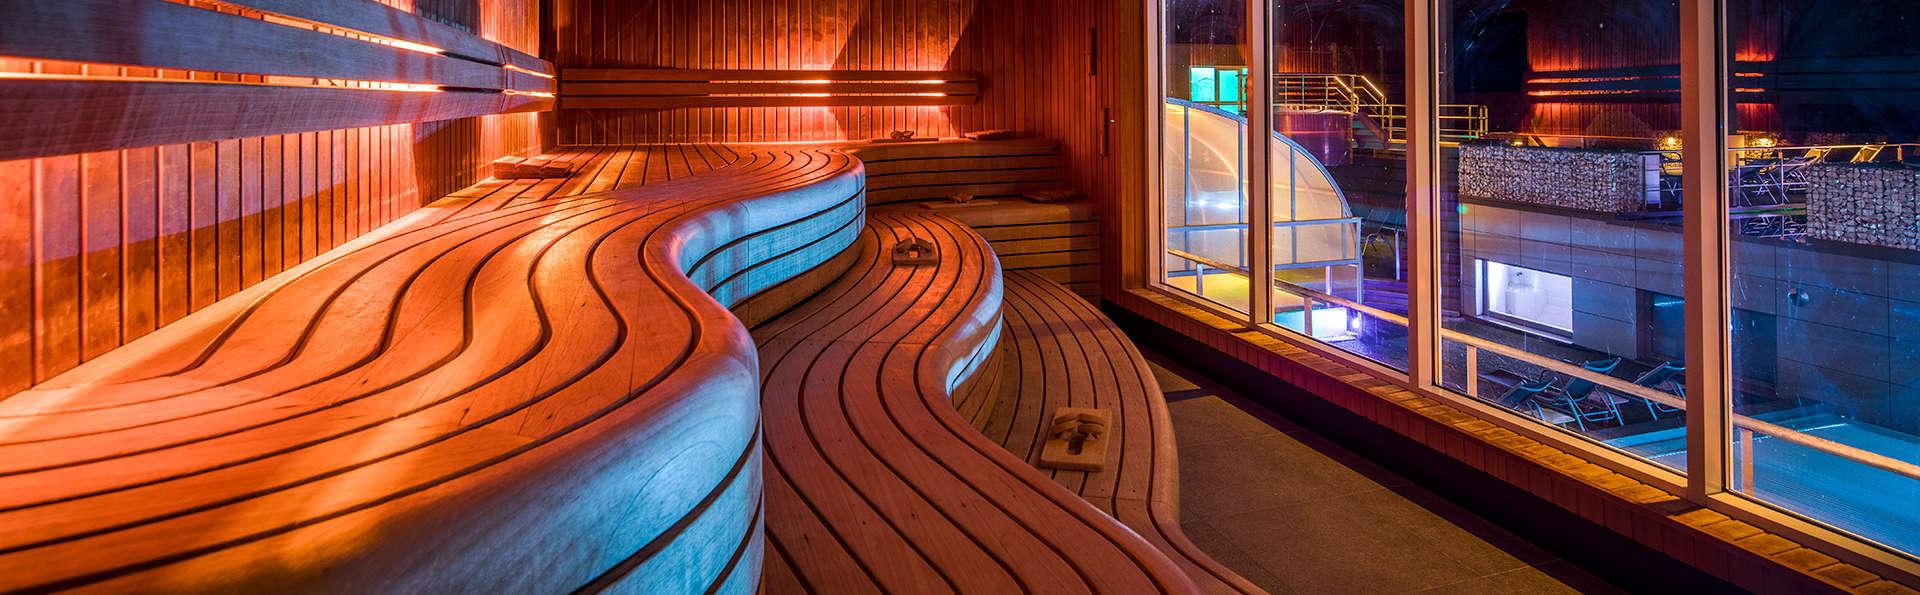 Expérience de bien-être tout compris avec entrée au Wellnessboot !